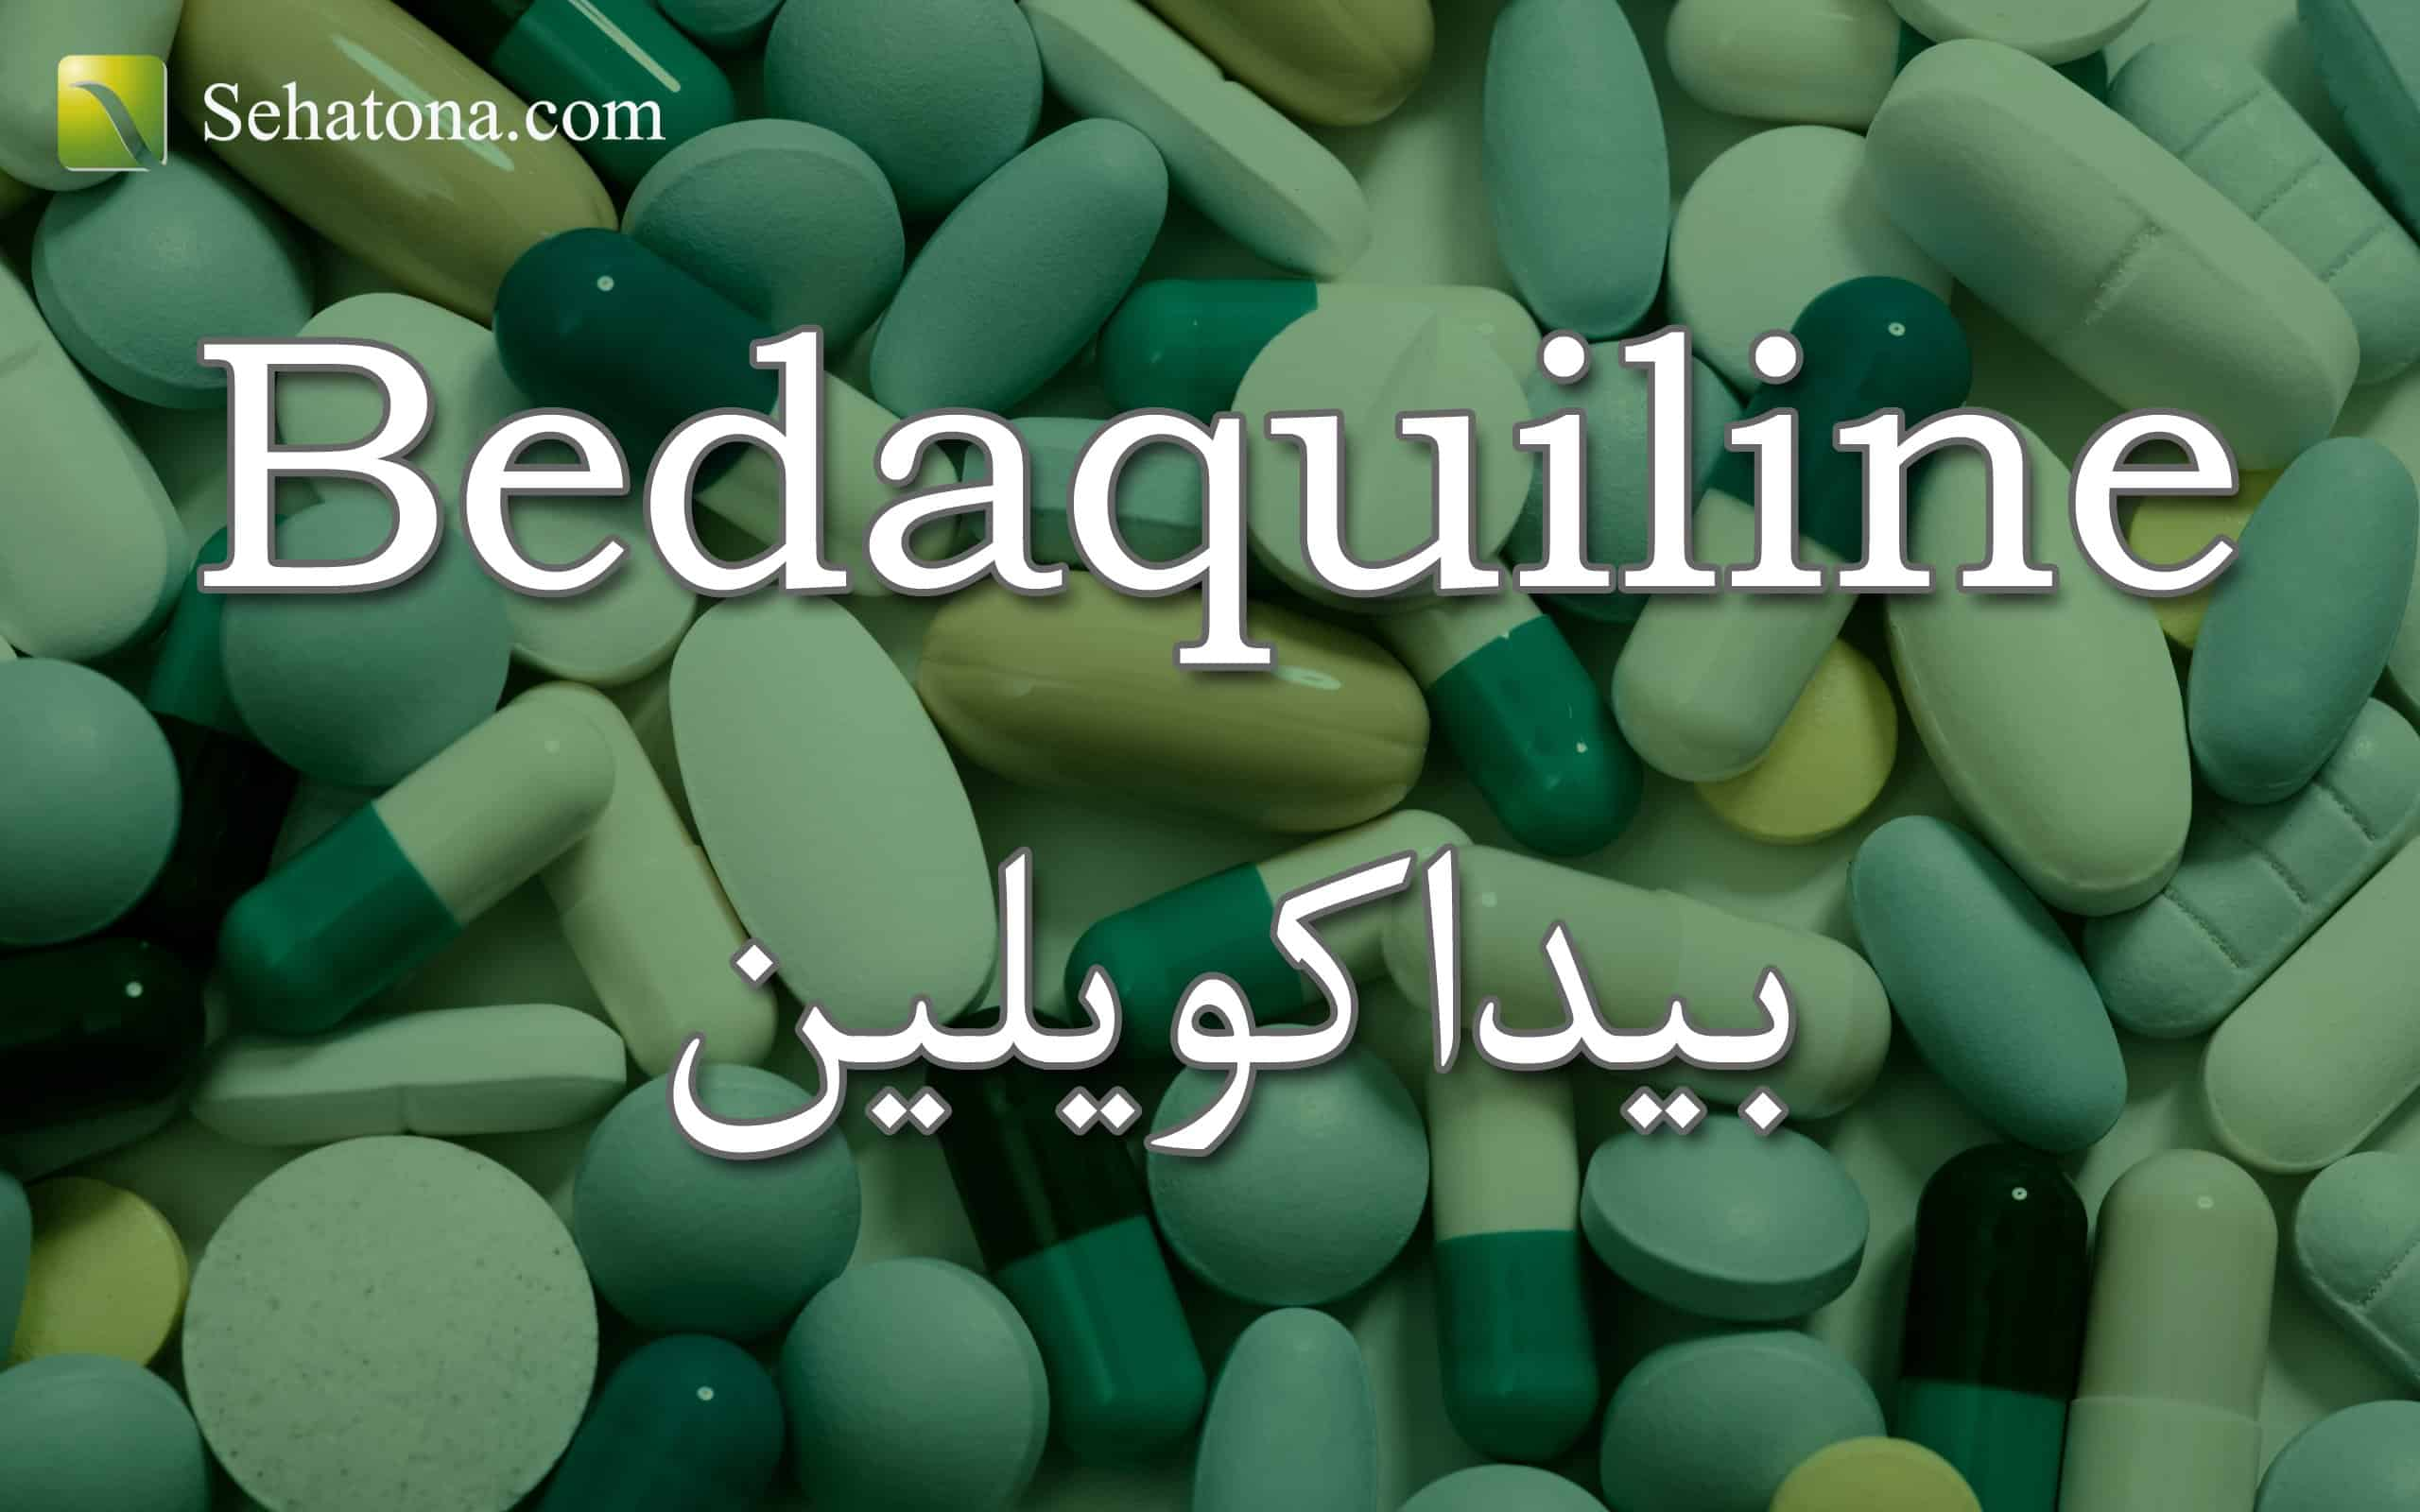 Bedaquiline